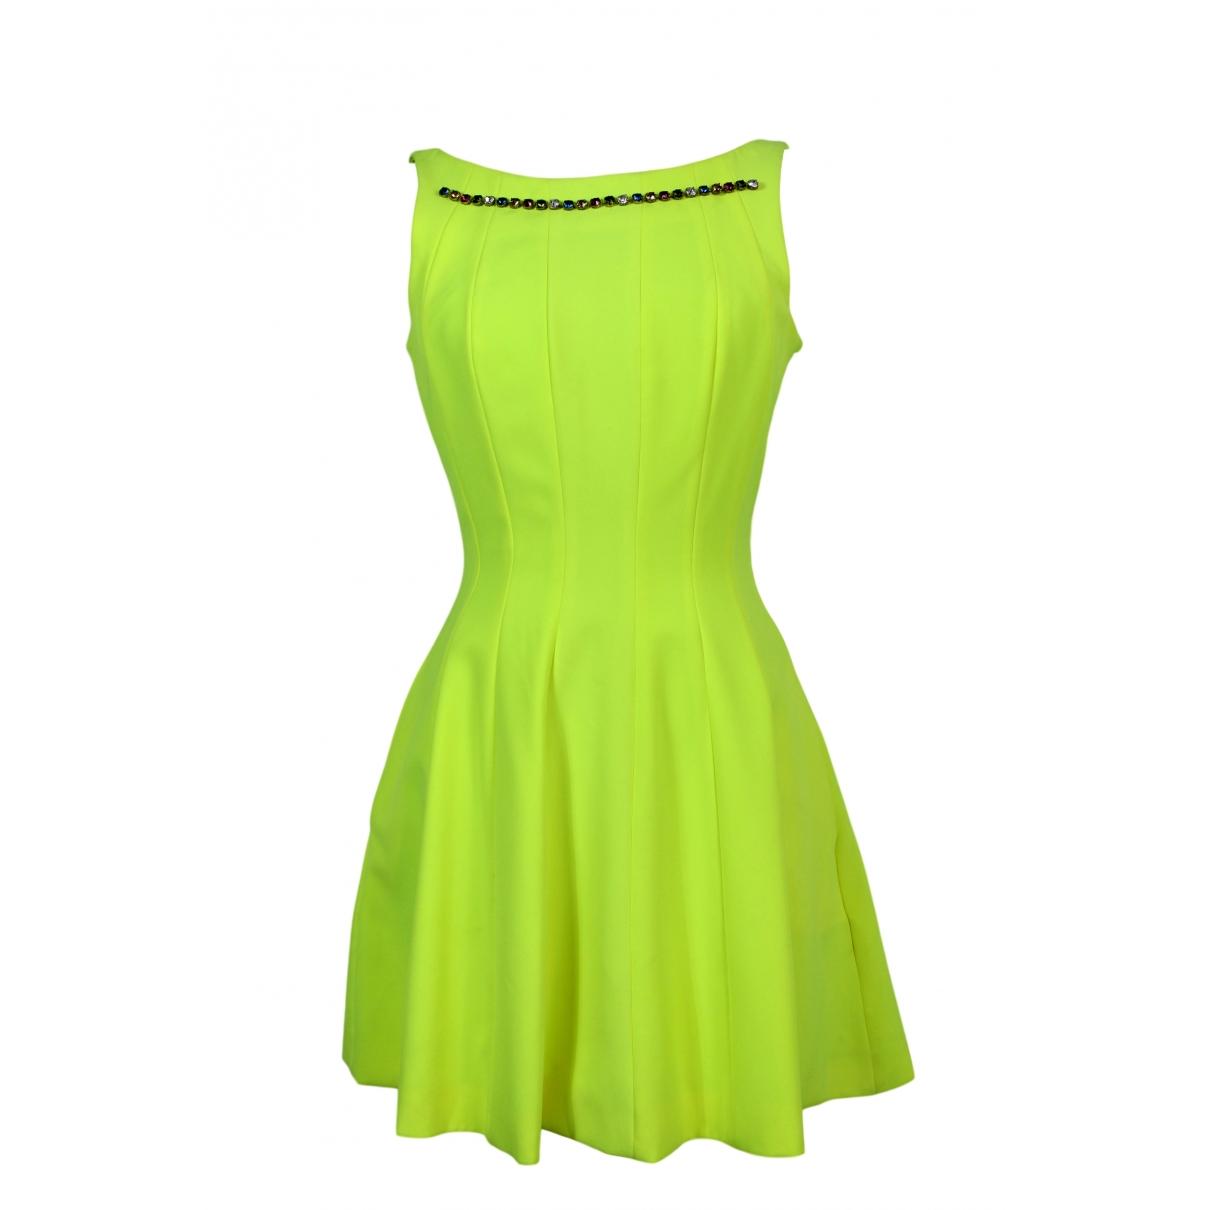 Philipp Plein \N Kleid in  Gelb Polyester